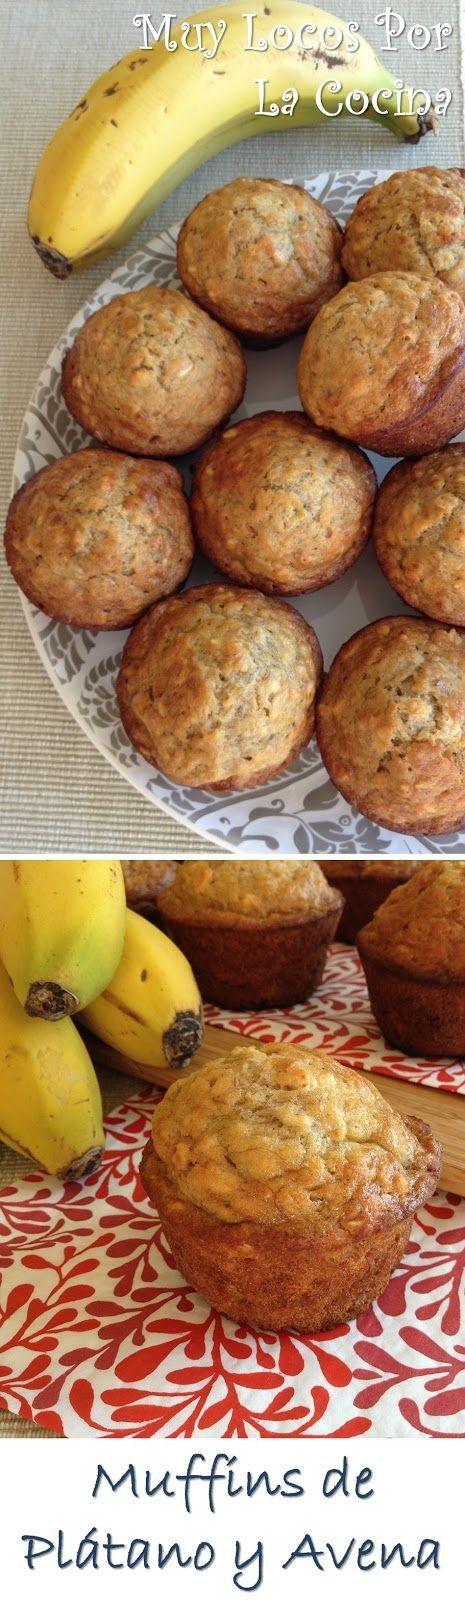 Muffins están hechos con puré de plátano y aromatizados con vainilla. Además contienen avena, que los hace s...